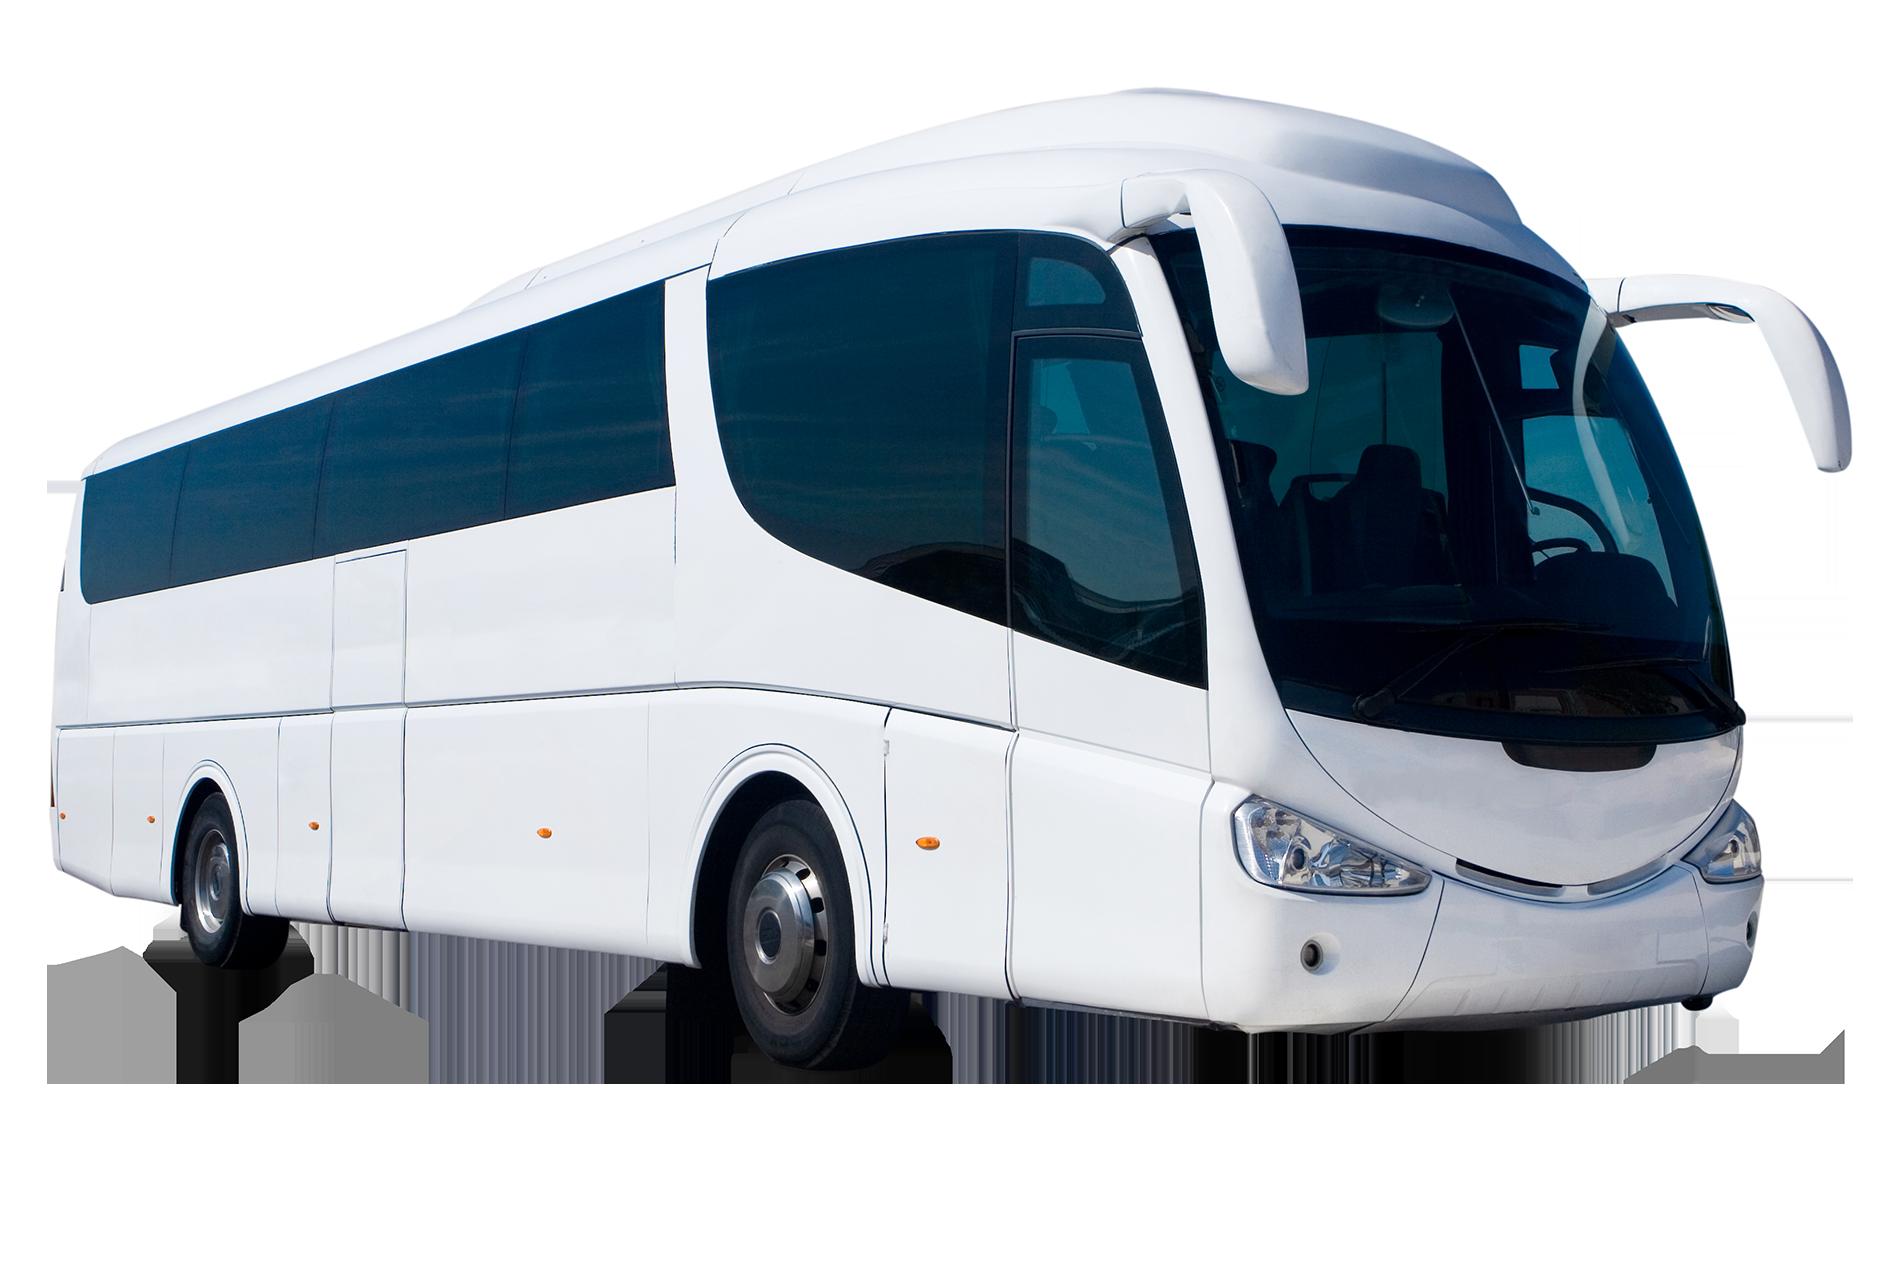 PNG Tour Bus - 56996